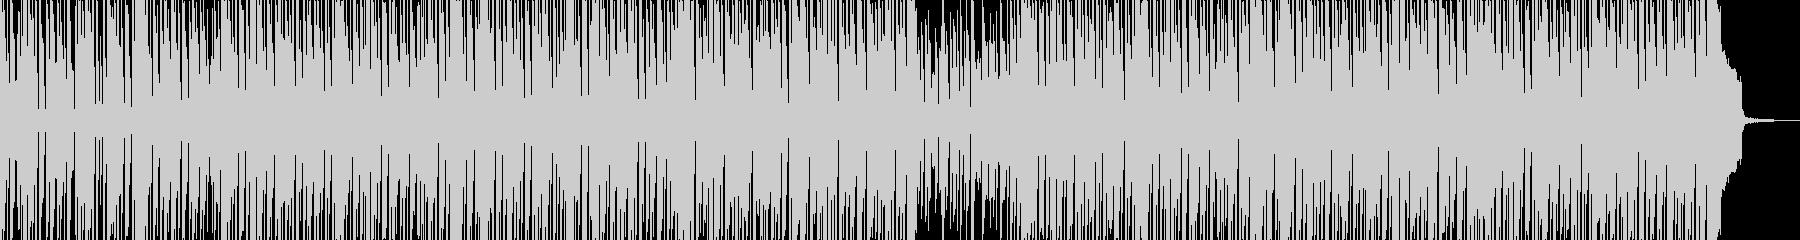 ファンク ビンテージ 不思議 奇妙...の未再生の波形